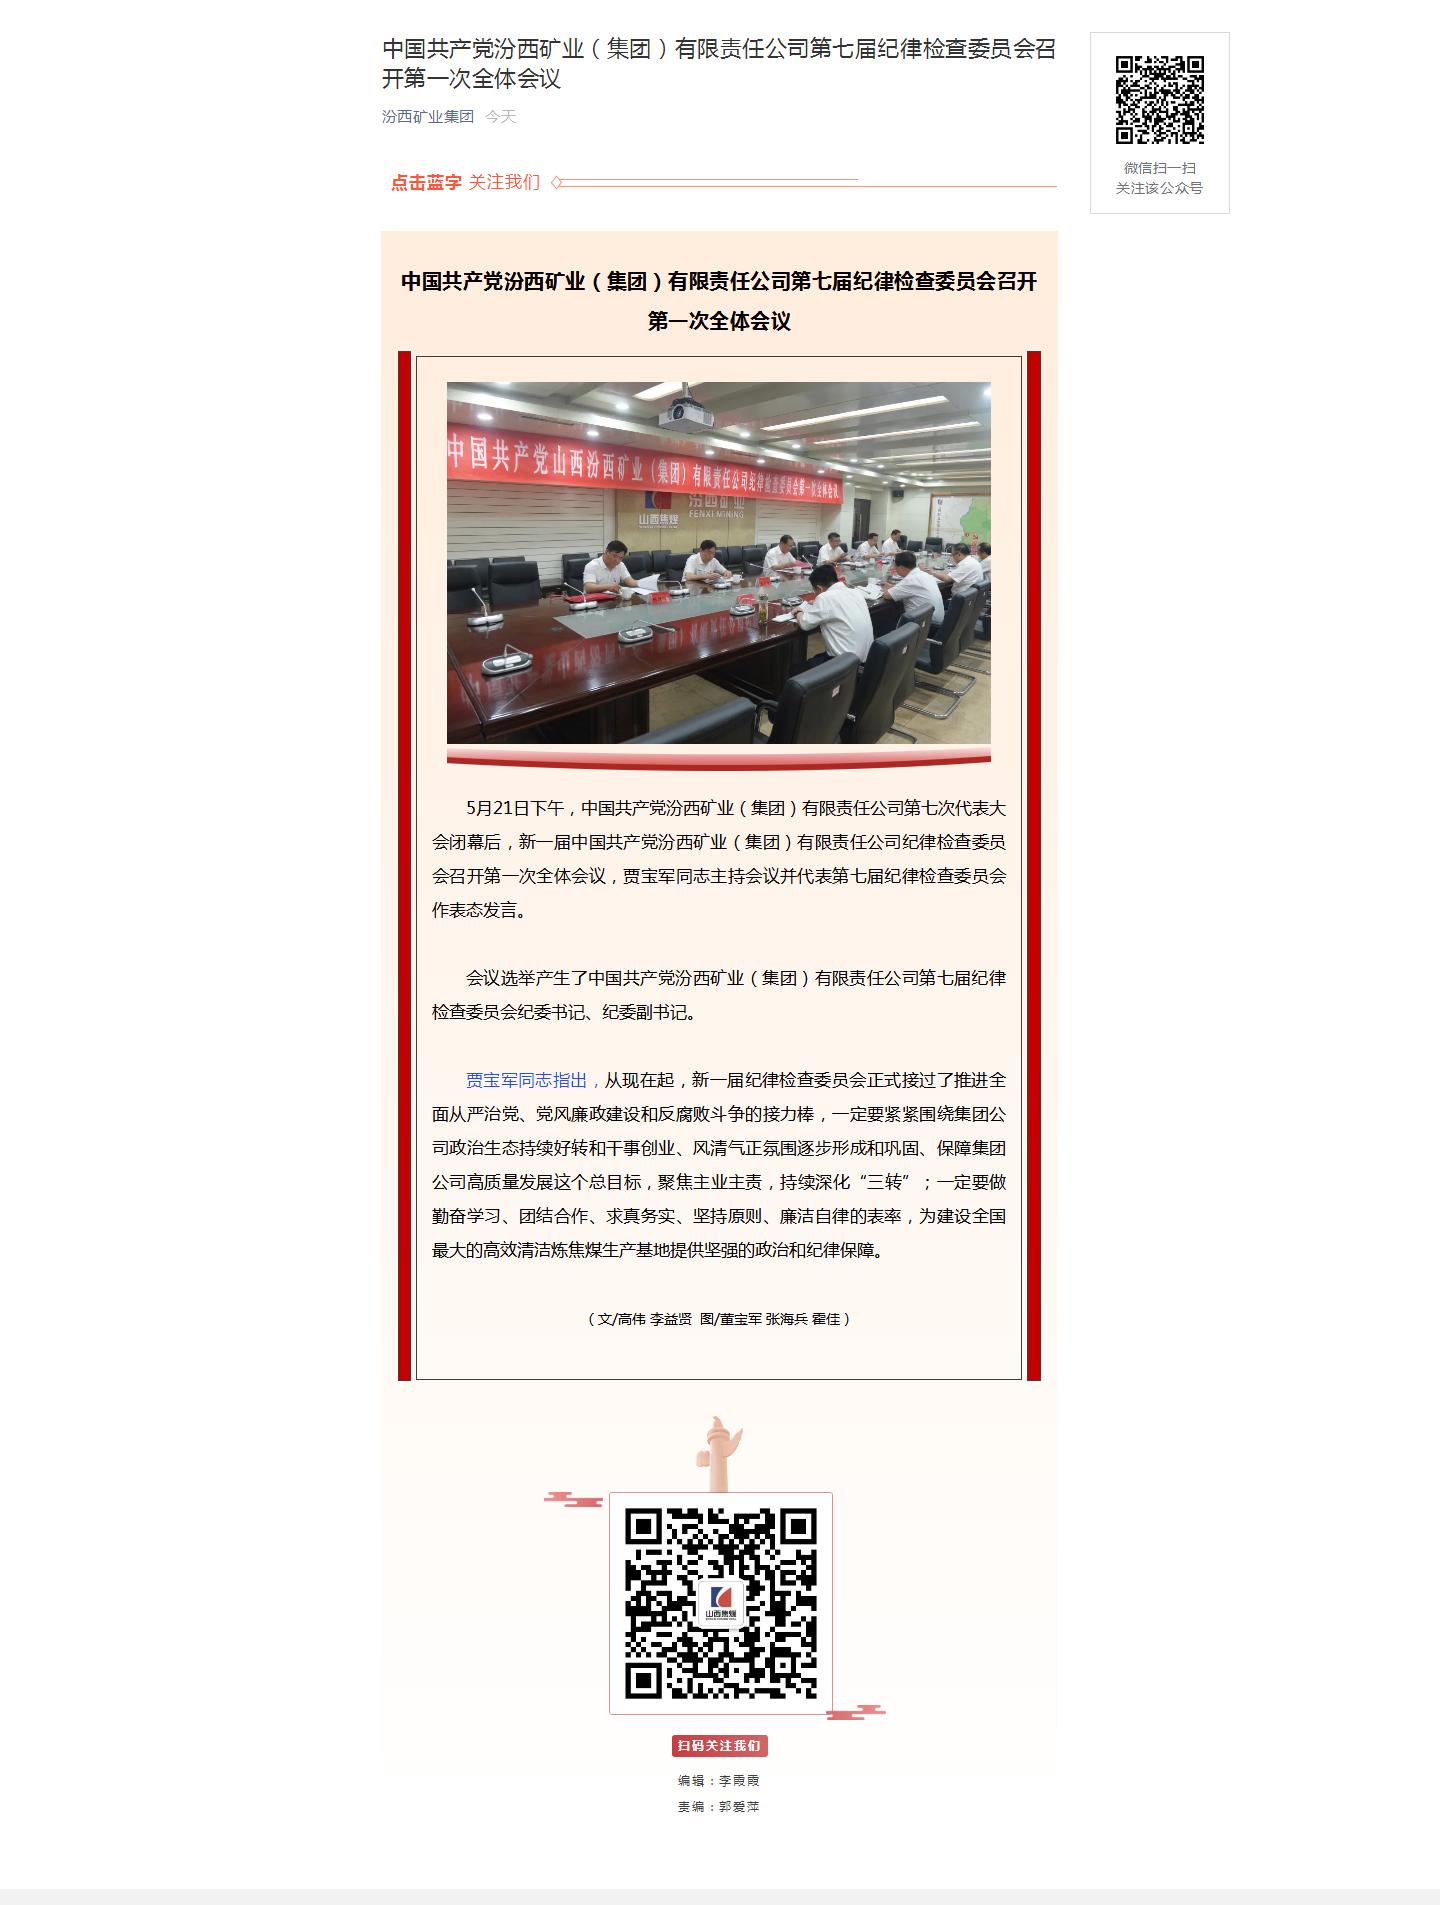 中国共产党汾西矿业(集团)有限责任公司第七届纪律检查委员会召开第一次全体会议.png